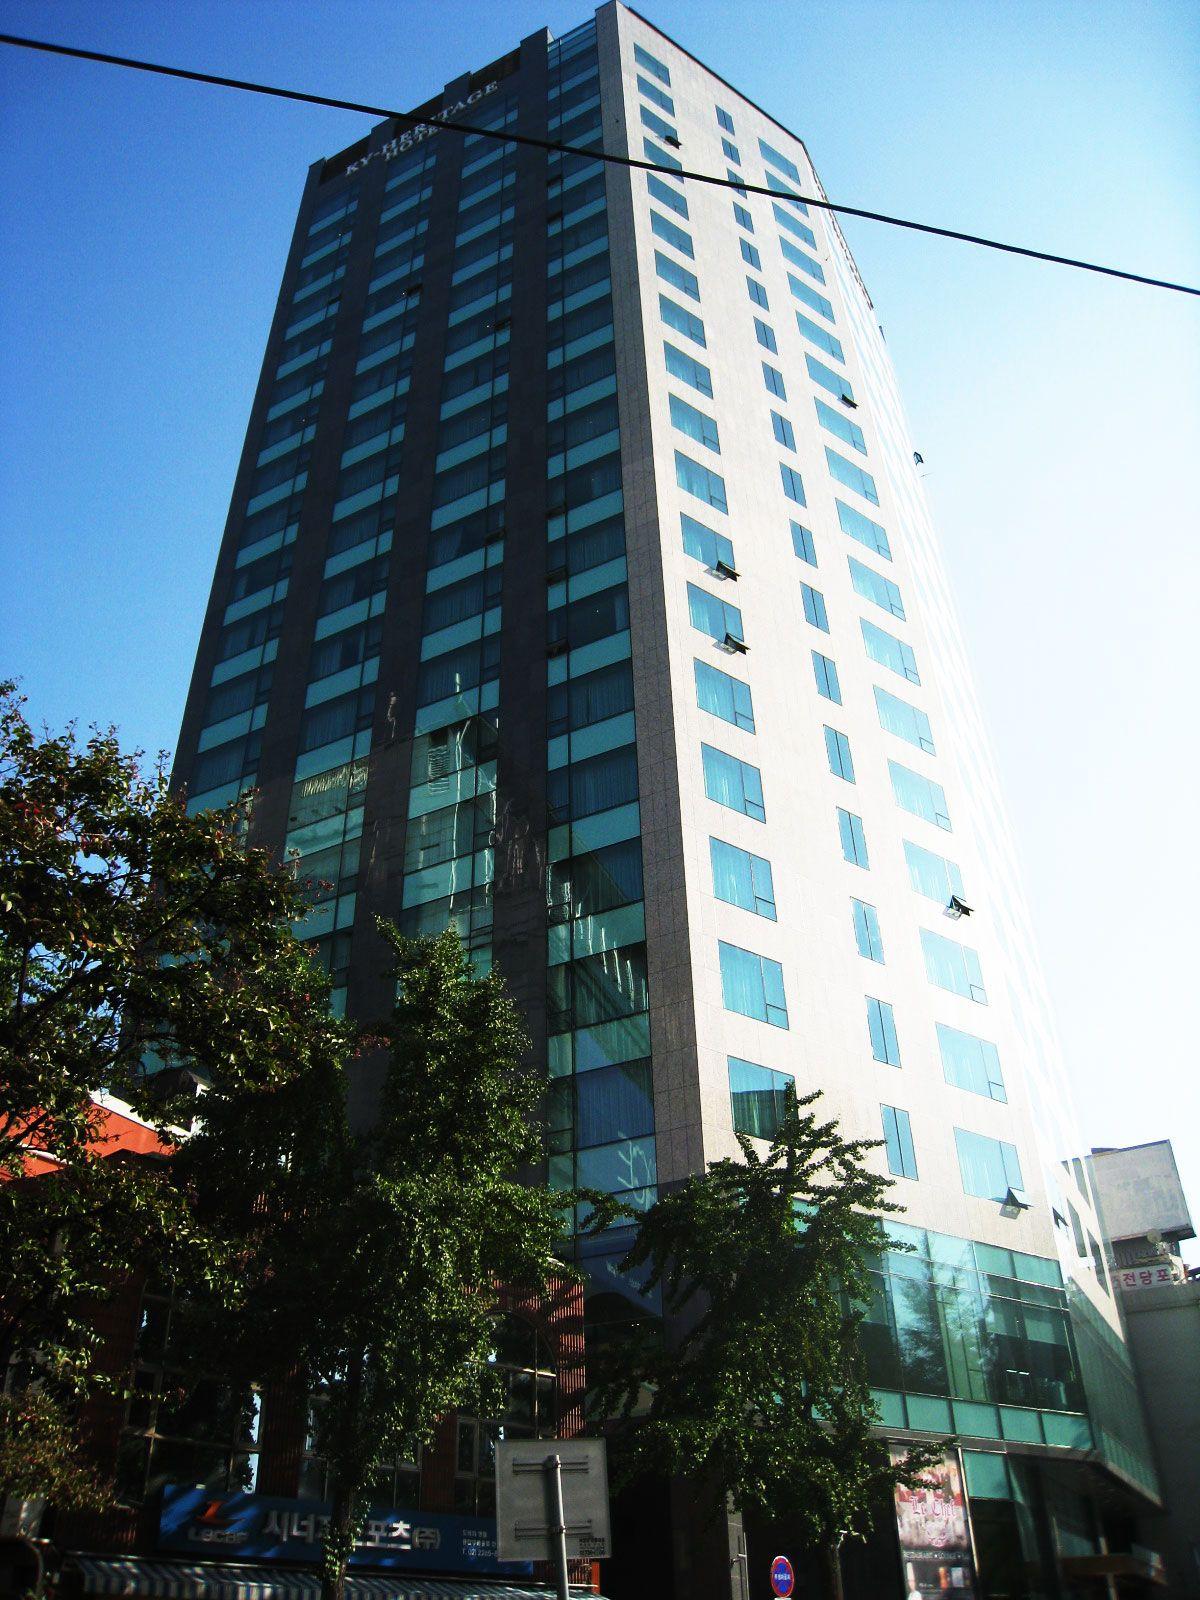 ソウルの便利すぎるホテル「相鉄 ホテルズ スプラジール ソウル 東大門」に宿泊してソウルを満喫しよう